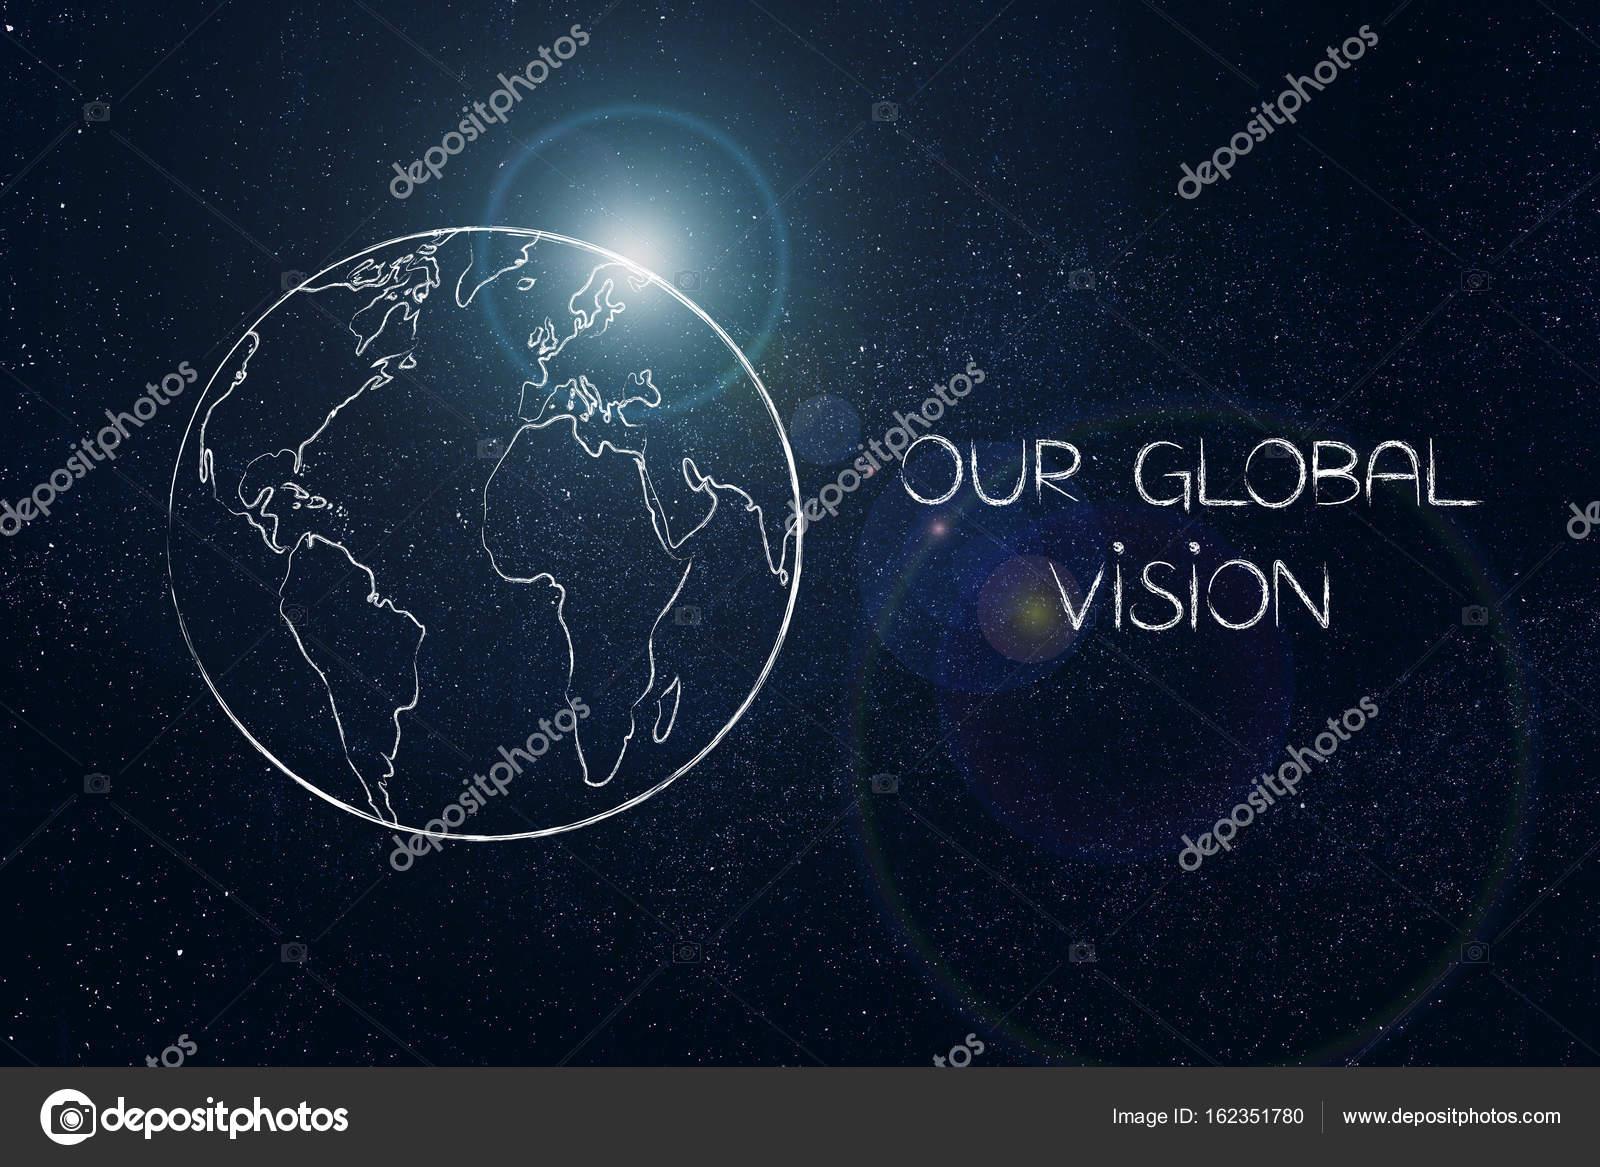 Wereldbol Met Licht : Onze globale visie bijschrift vext op wereldbol met licht flare